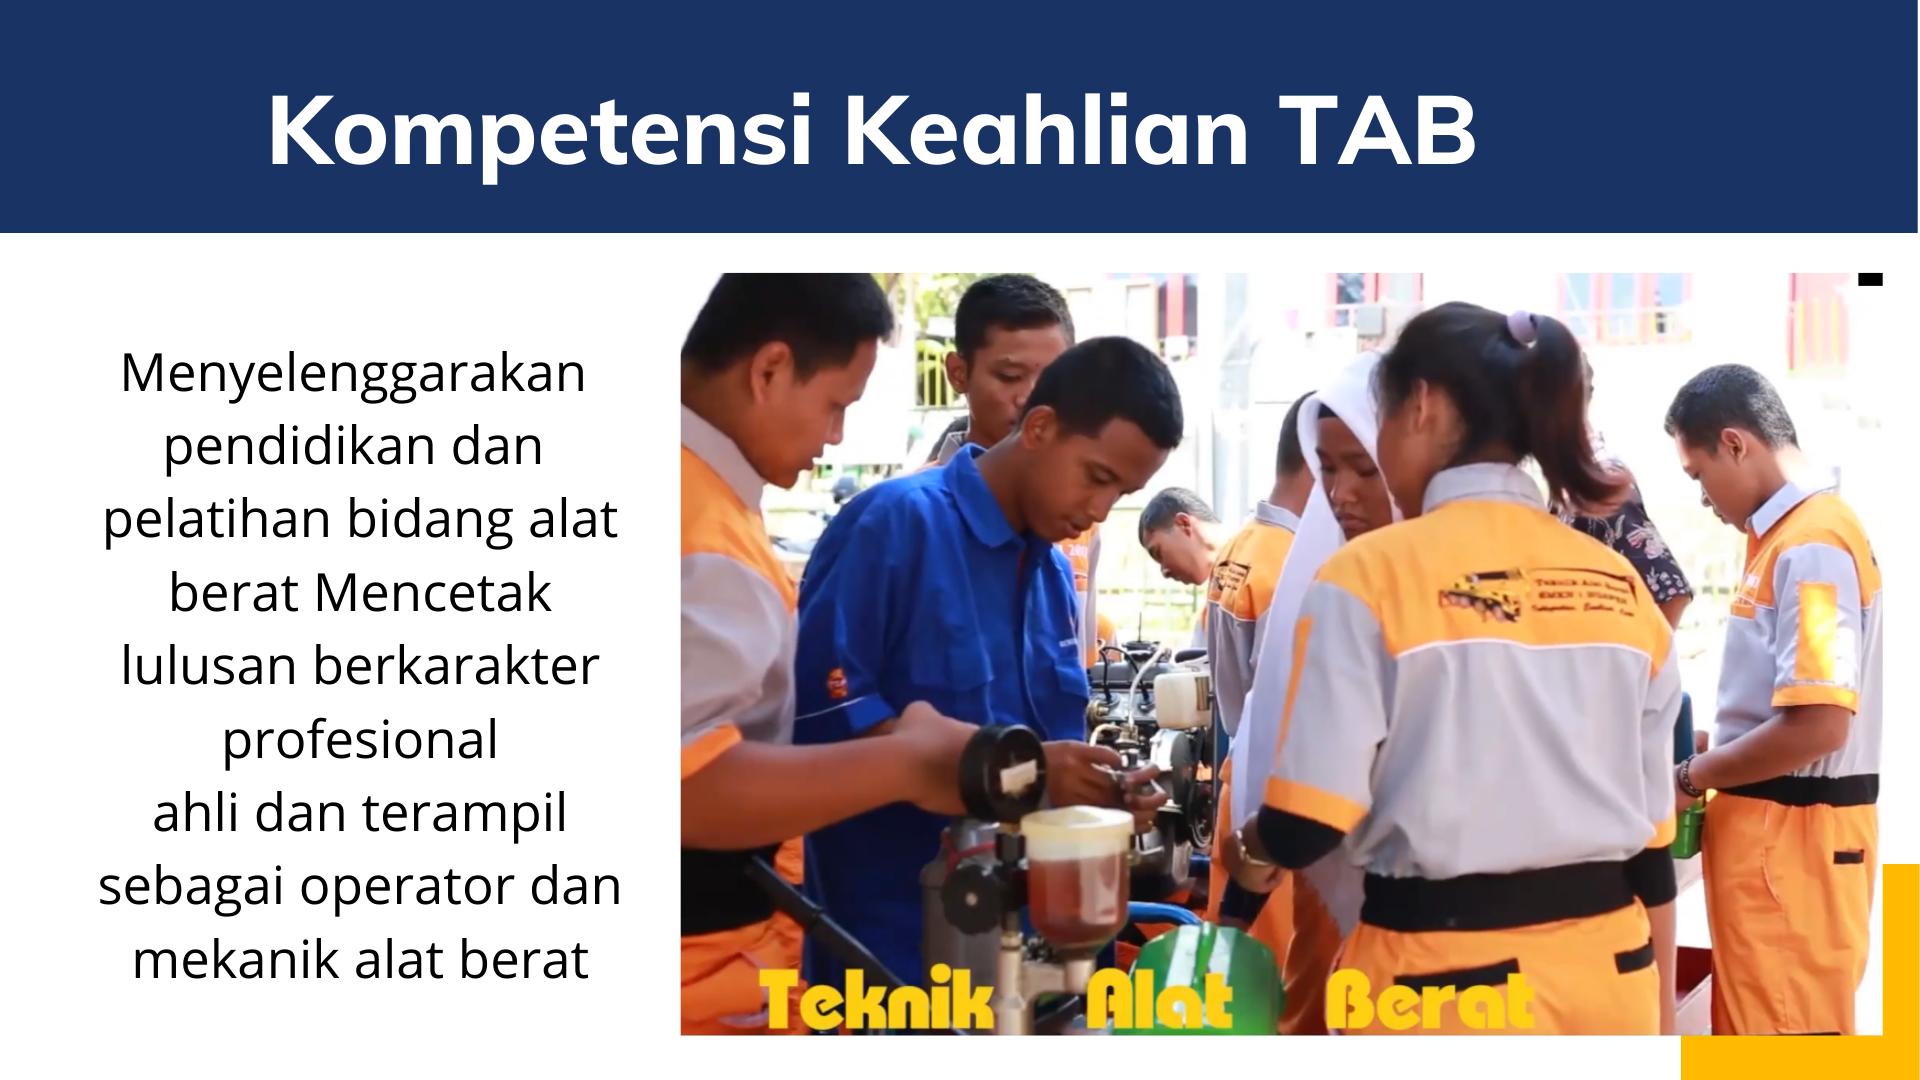 Menyelenggarakan pendidikan dan pelatihan bidang alat berat Mencetak lulusan berkarakter profesional ahli dan terampil sebagai operator dan mekanik alat berat